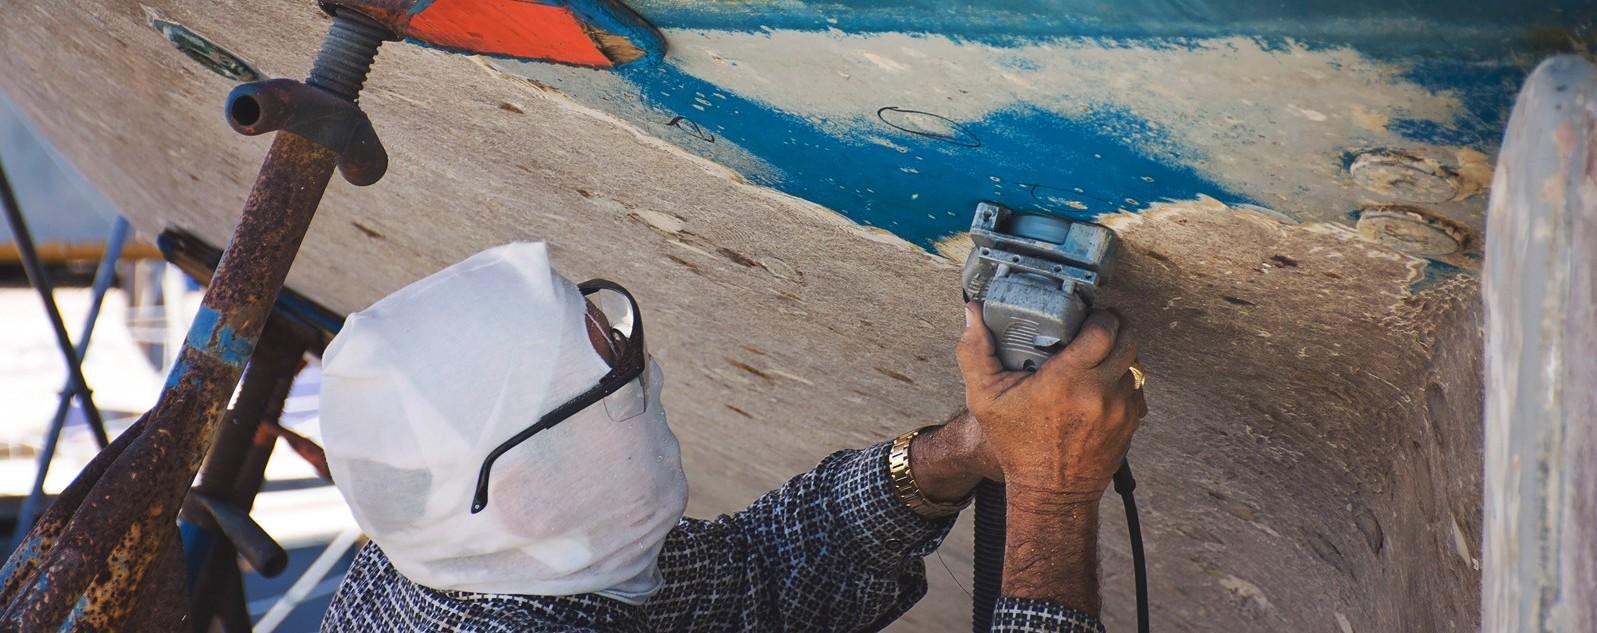 florida keys gelcoat repair